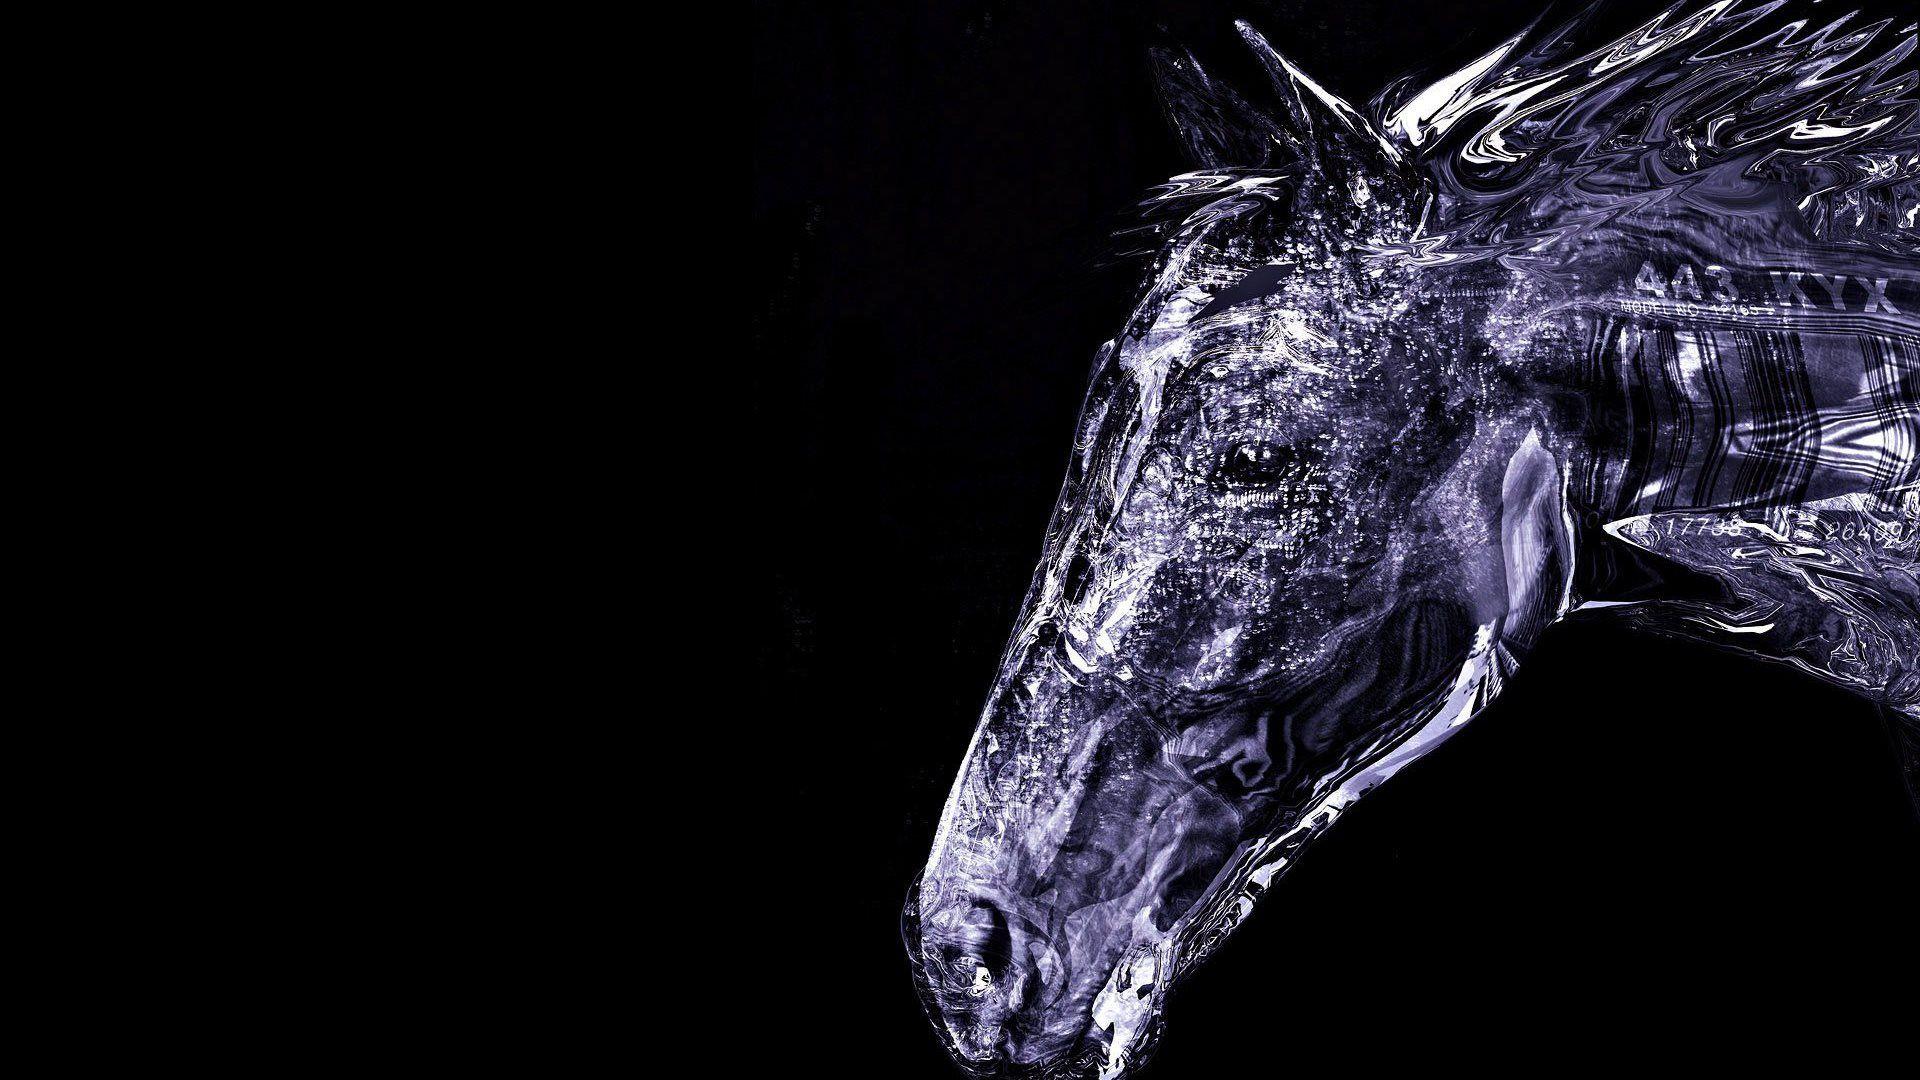 2014 3d horse | HD WallpaperS 2015 | Pinterest | Horse ...